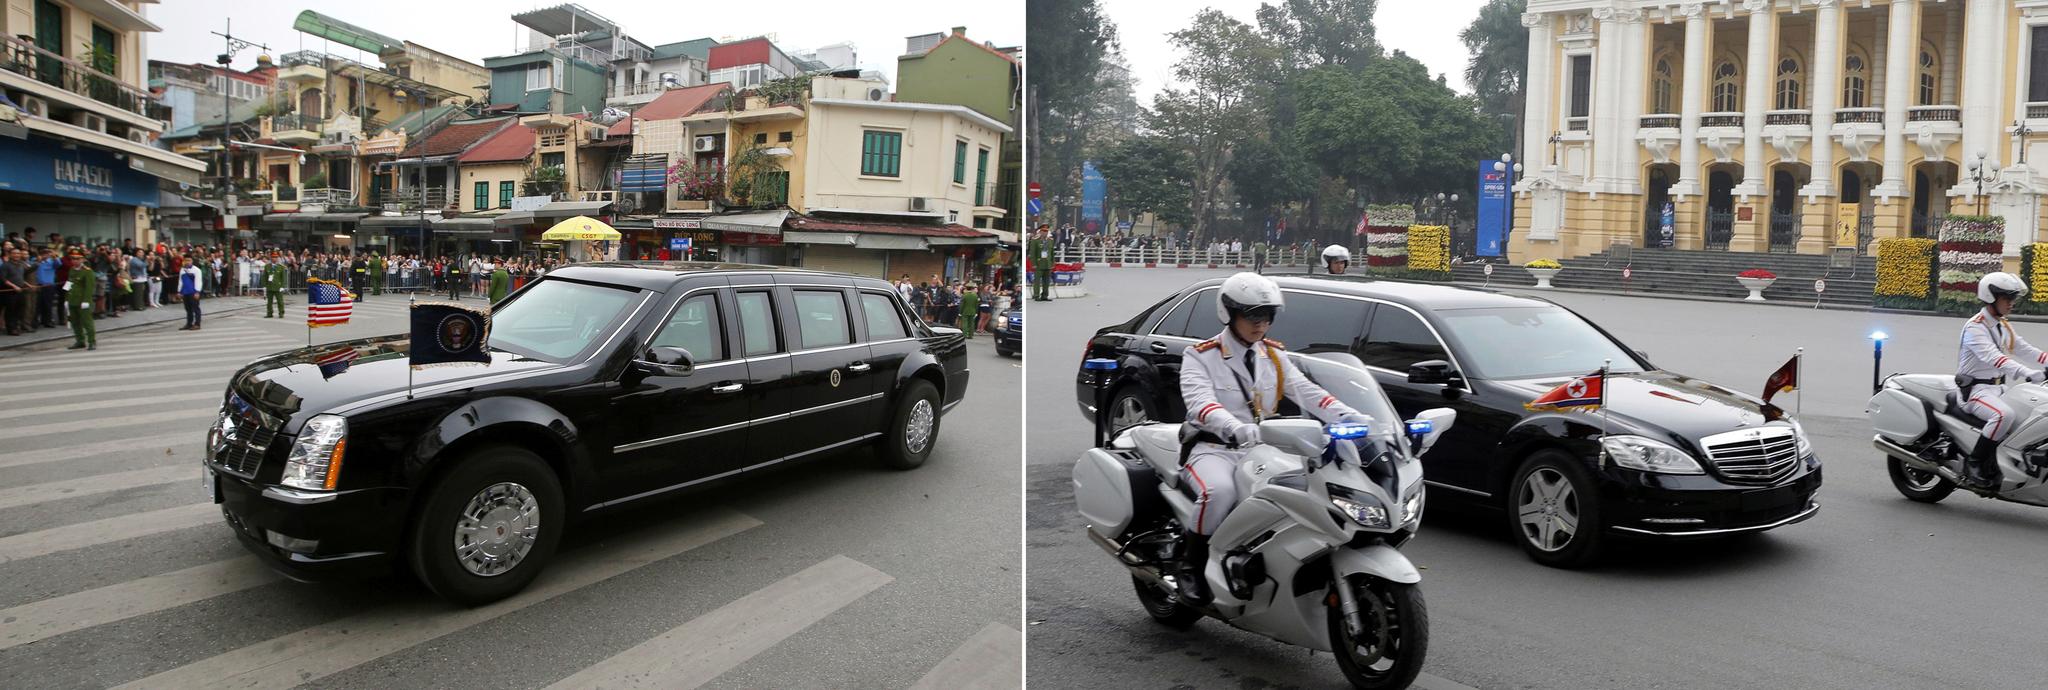 트럼프 대통령의 방탄 경호 차량인 '비스트'(왼쪽)과 김정은 위원장의 방탄 벤츠 차량(오른쪽)도 화제거리였다. [AP,EPA=연합뉴스]